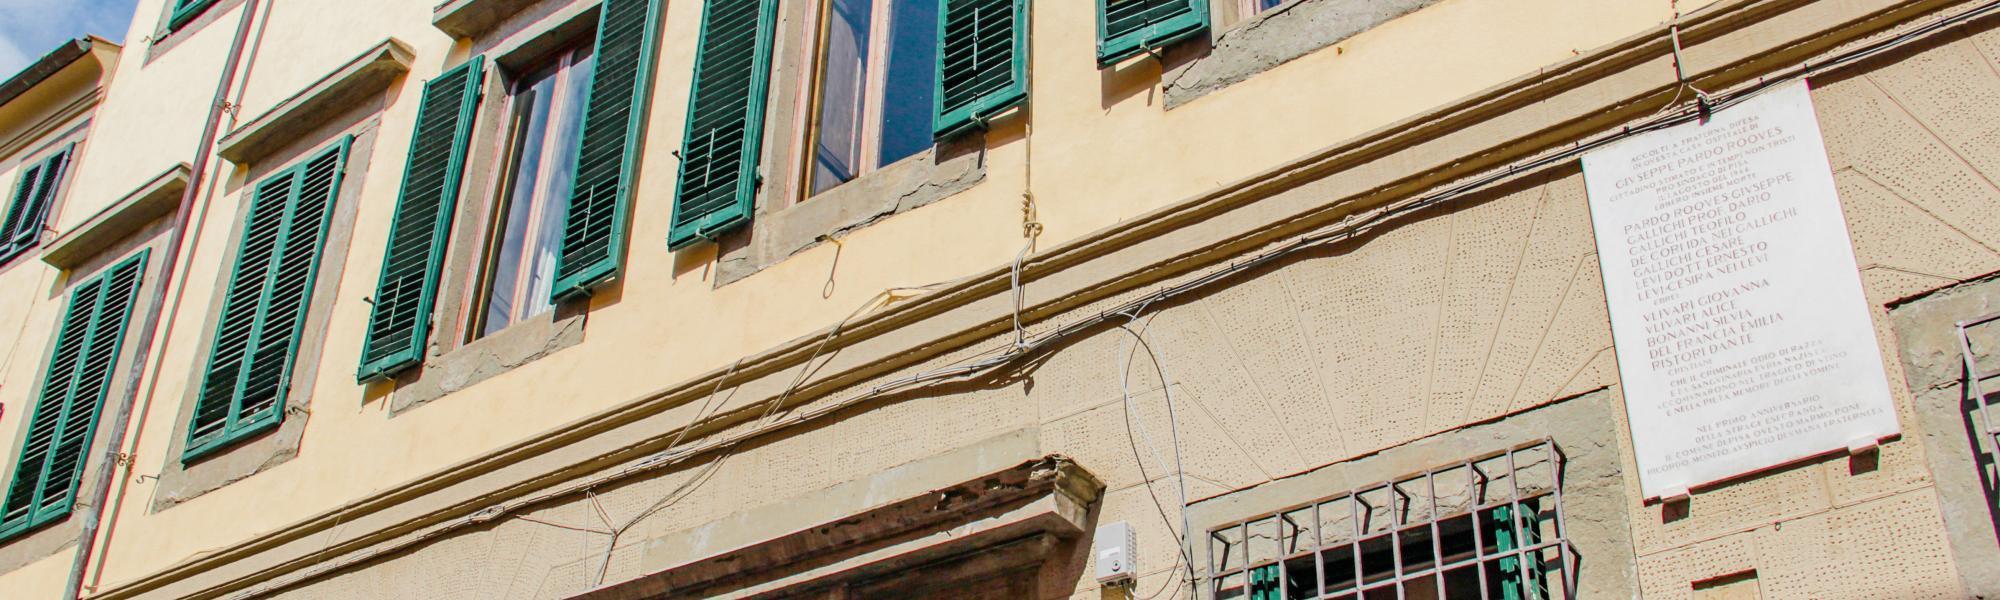 Casa Pardo Roques (G. Bettini. Comune di Pisa)